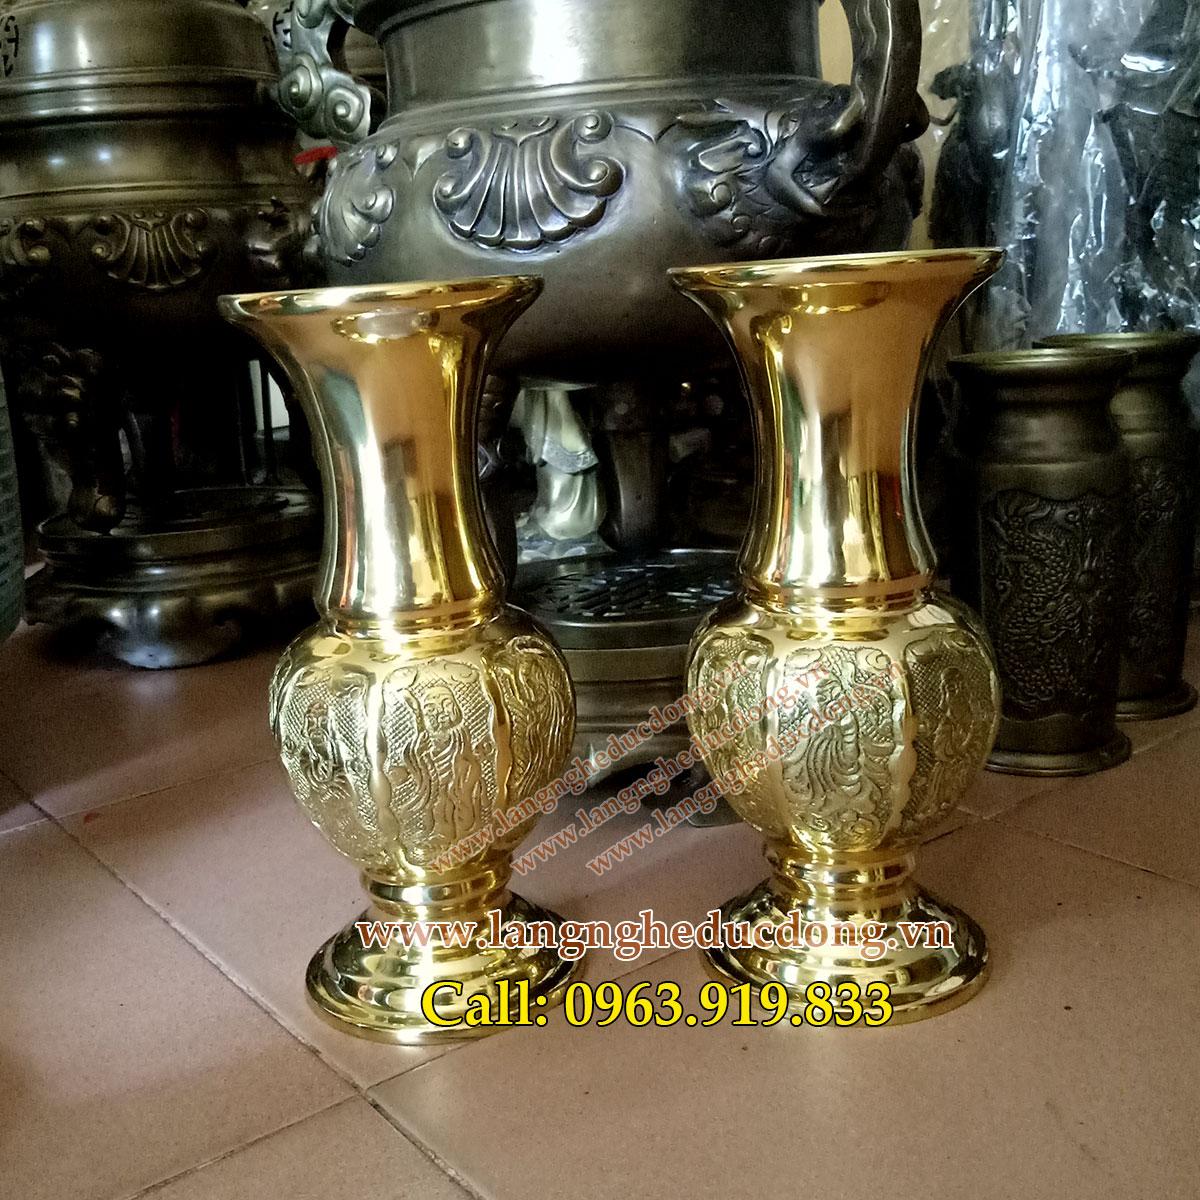 langheducdong.vn - bán lọ hoa bằng đồng, lọ hoa trang trí bàn thờ, lọ hoa bát tiên vàng bóng, mẫu lọ hoa